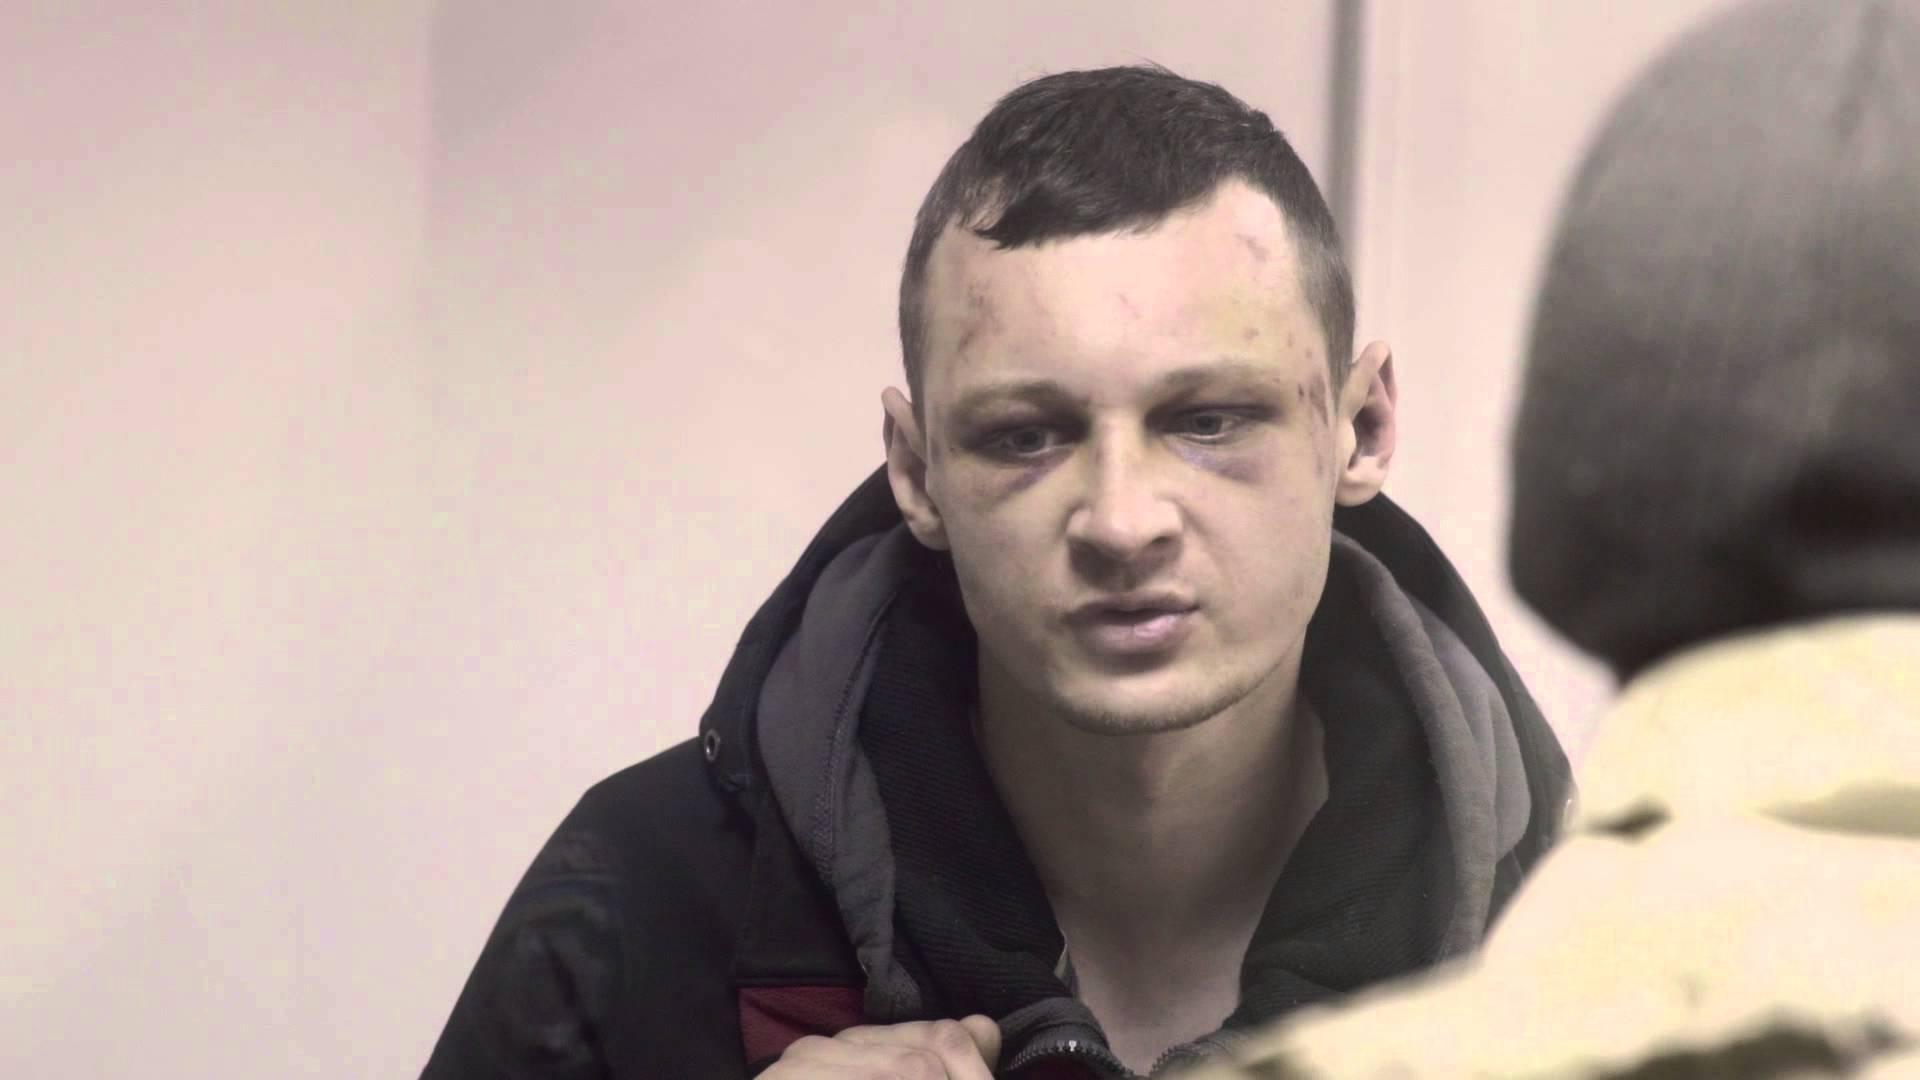 Активист Краснов, задержанный СБУ, был завербован украинской внешней разведкой и выполнял свои задачи – Билецкий